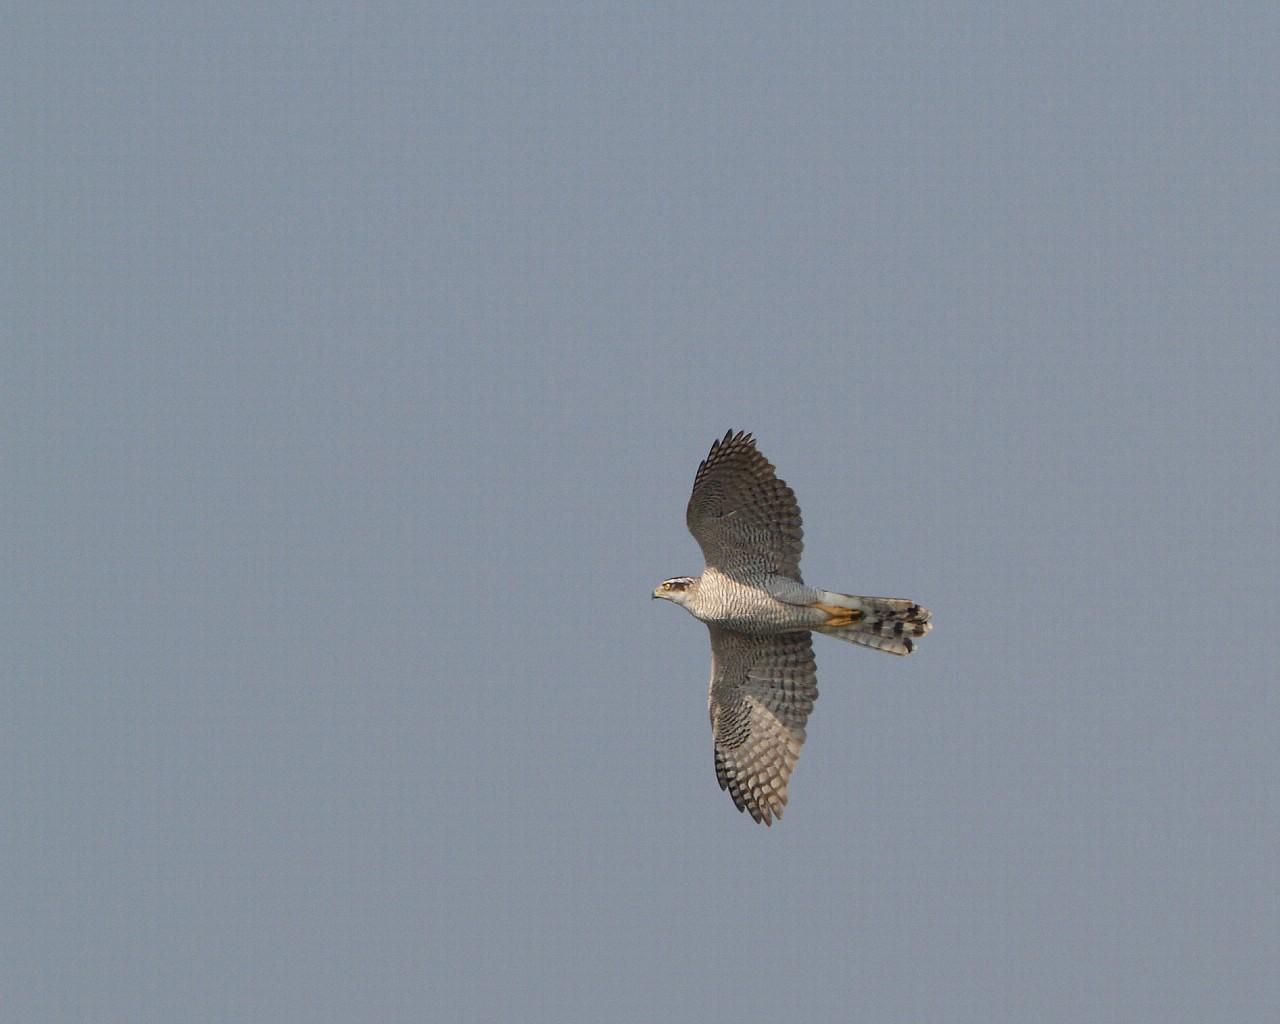 オオタカ成鳥がカラスを襲うも失敗_f0105570_18572660.jpg